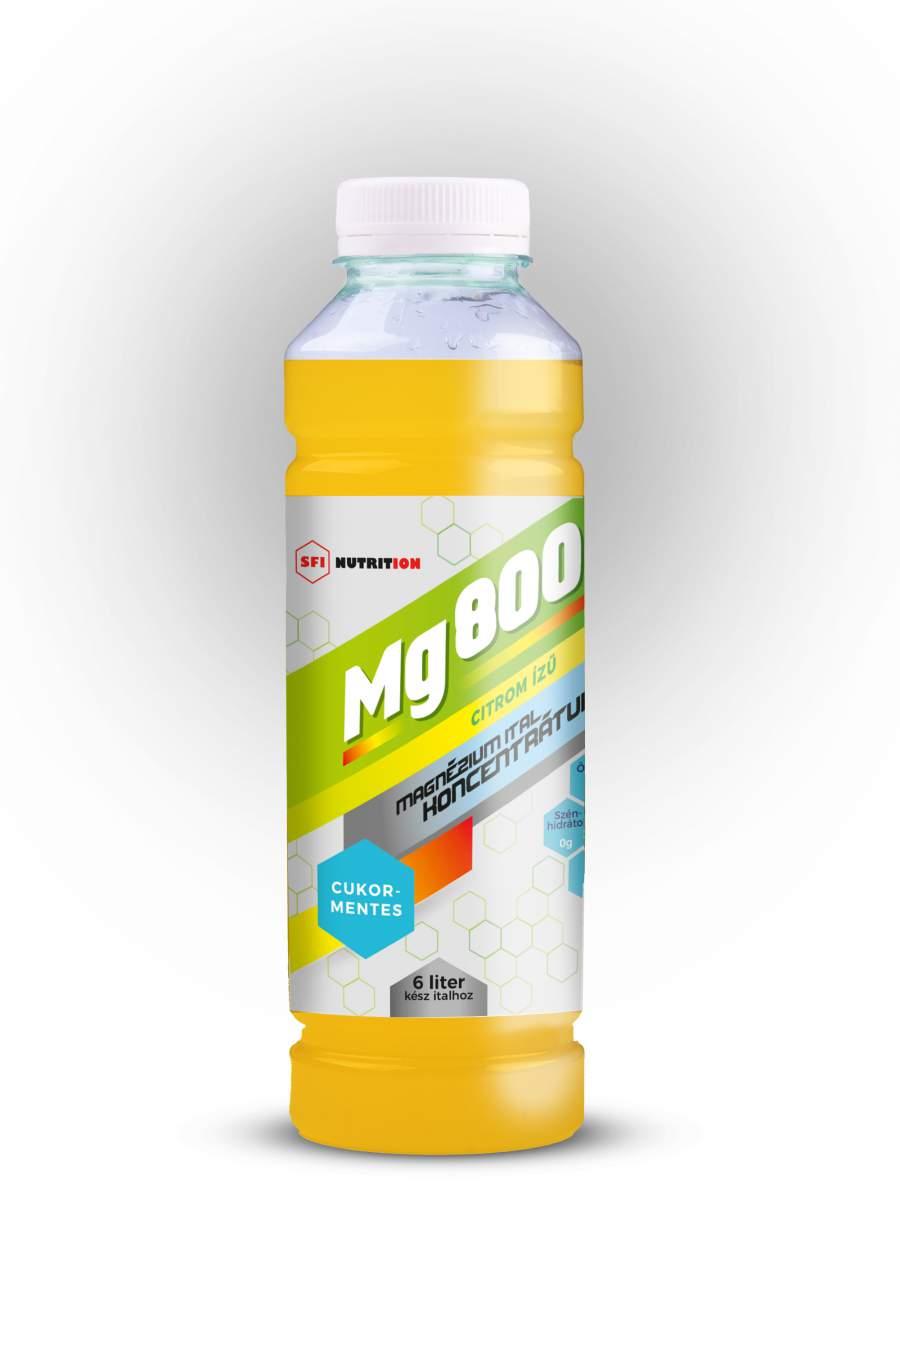 Mg 800 szteviával édesített magnézium koncentrátum erdei gyümölcs ízű